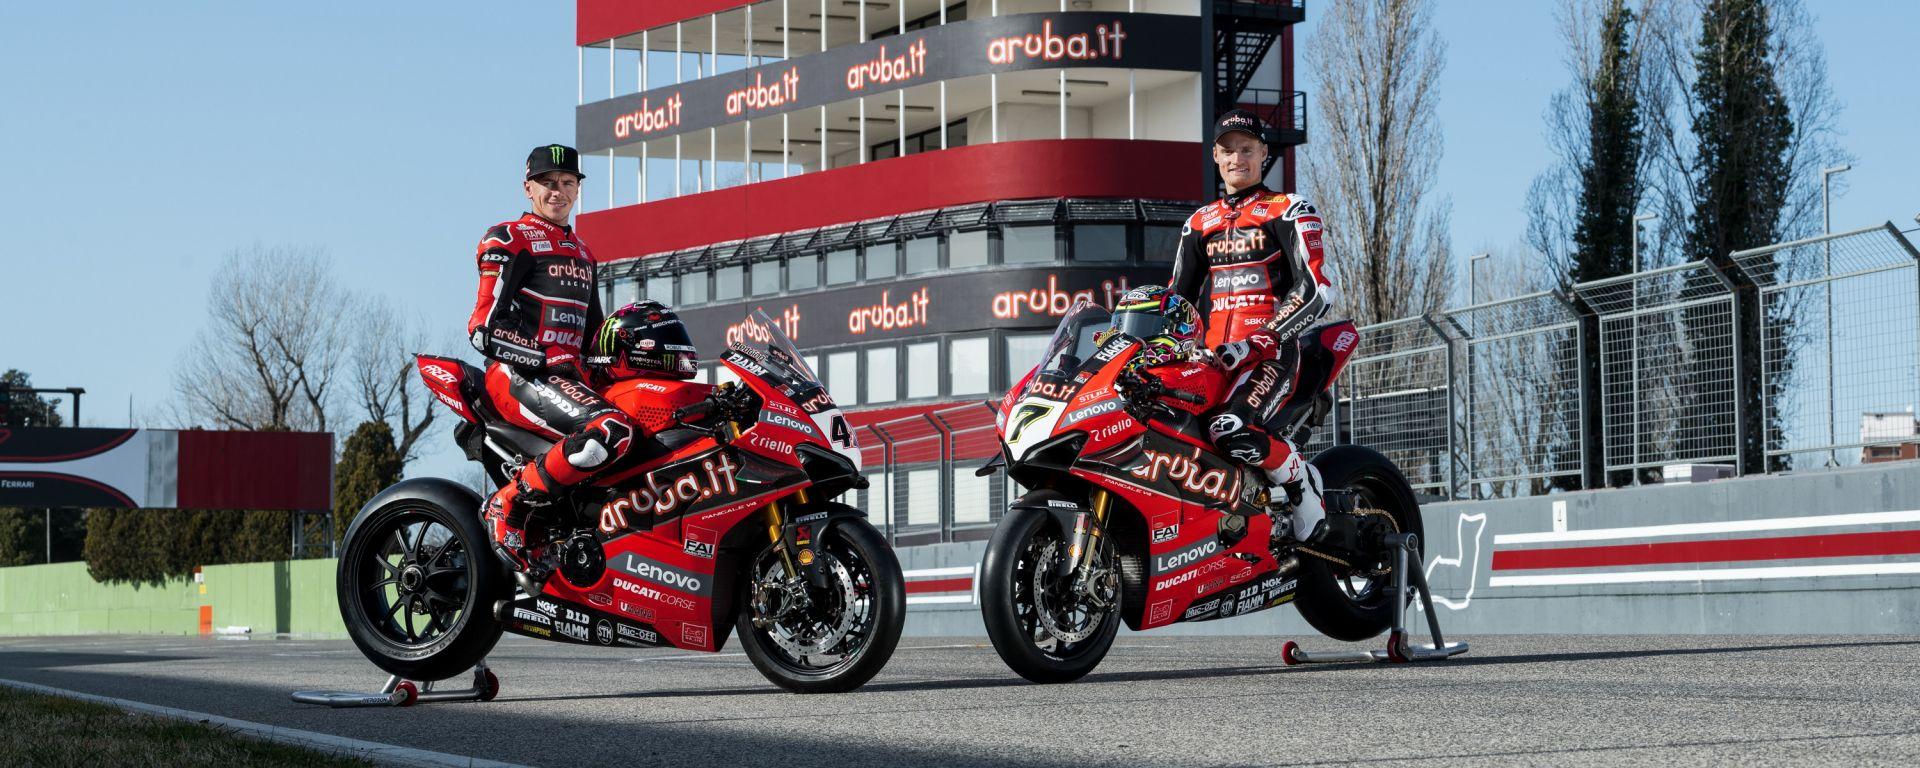 Scott Redding e Chaz Davies, team Ducati Aruba.it con la nuova torre Aruba.it